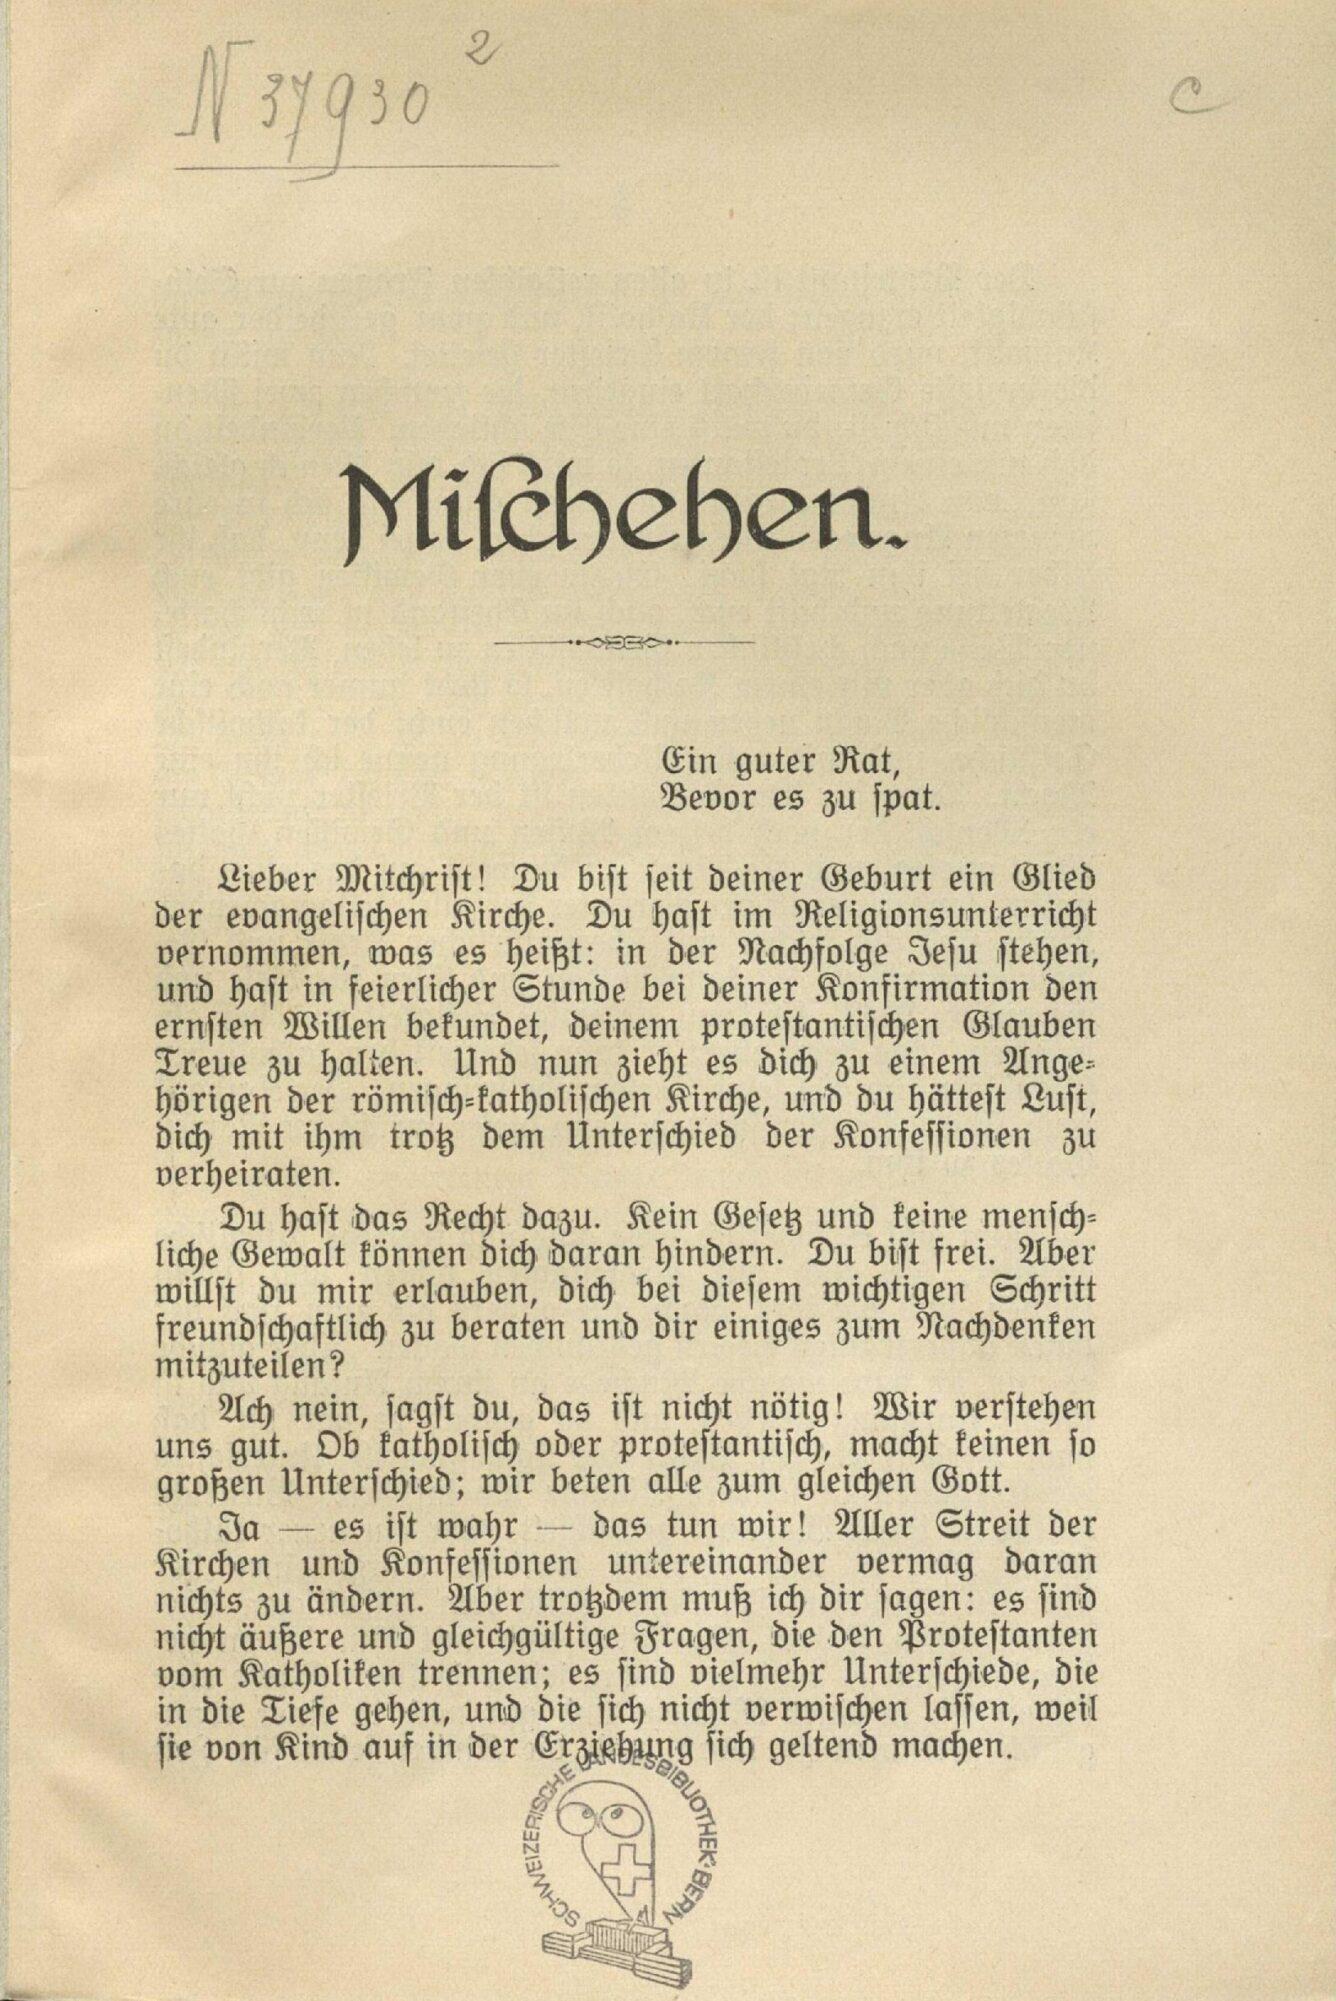 Erste Seite eines Flugblattes gegen die Mischehe. Schweizerischer protestantischer Volksbund: Mischehen, Zürich 1934.